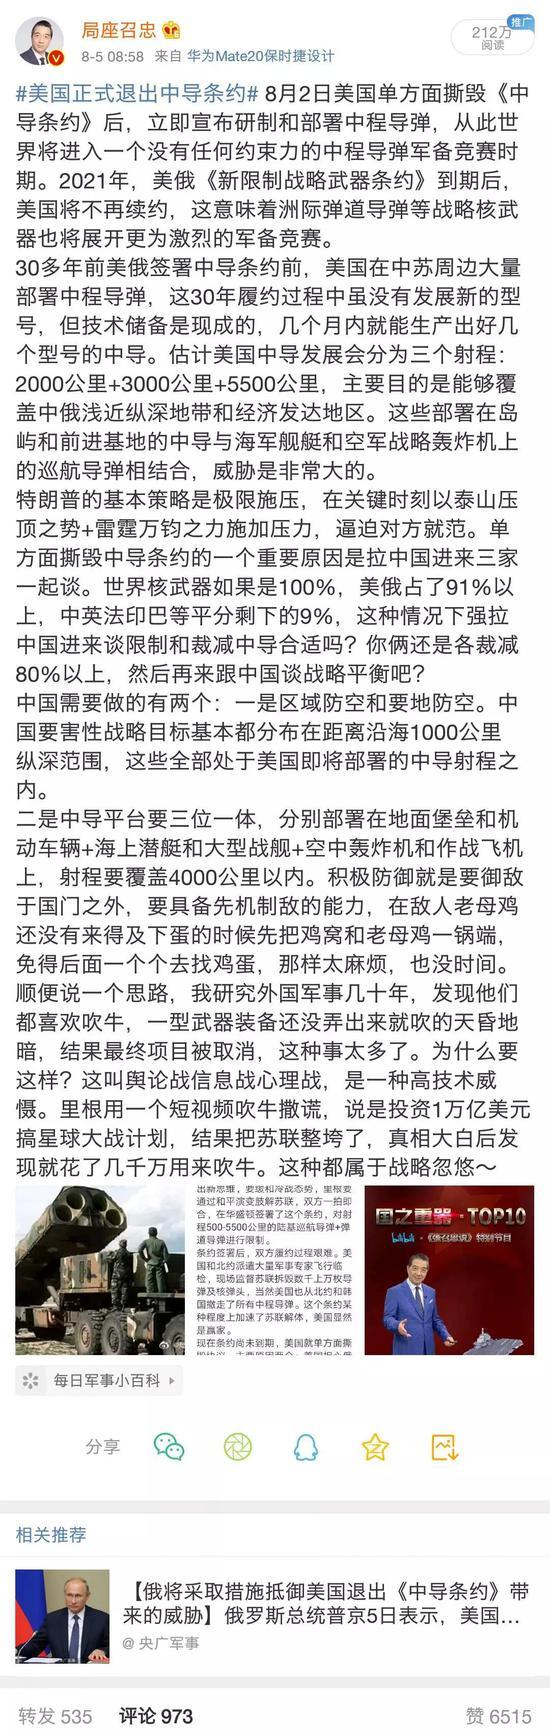 张召忠:美国退出中导条约后 中国需要做好两件事